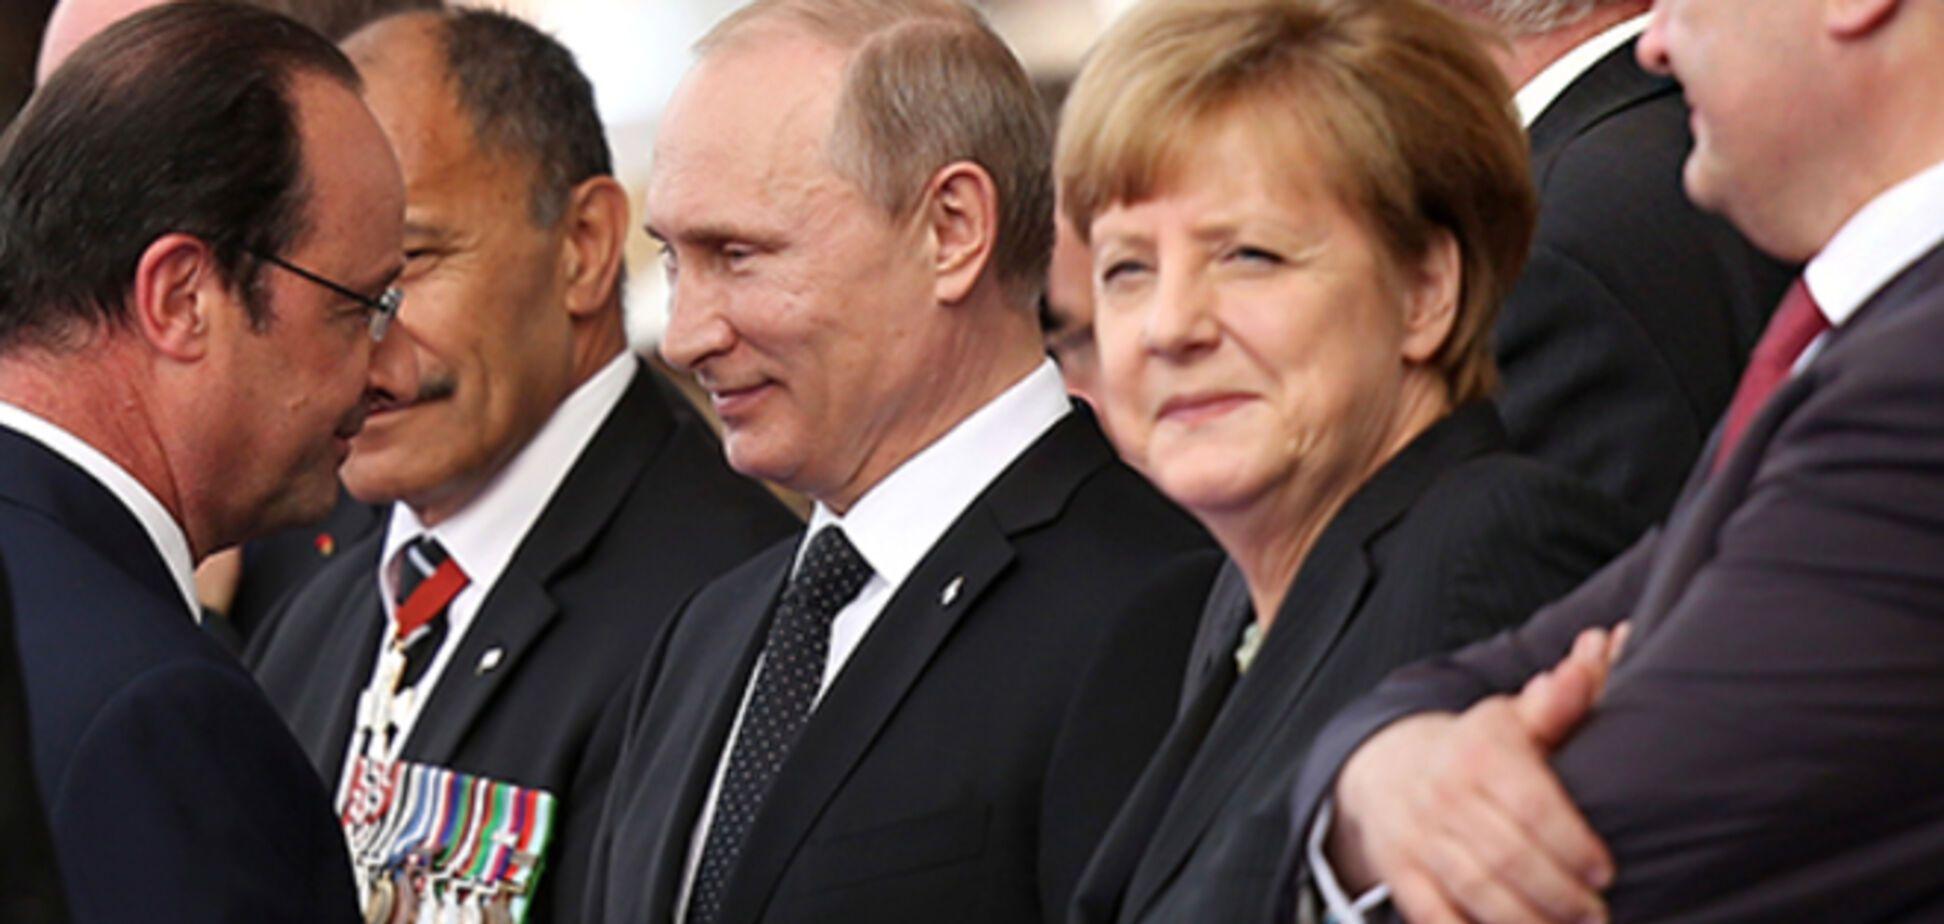 Главный вопрос четырехстороннего саммита в Минске: сколько территорий Донбасса получат путинские террористы - СМИ